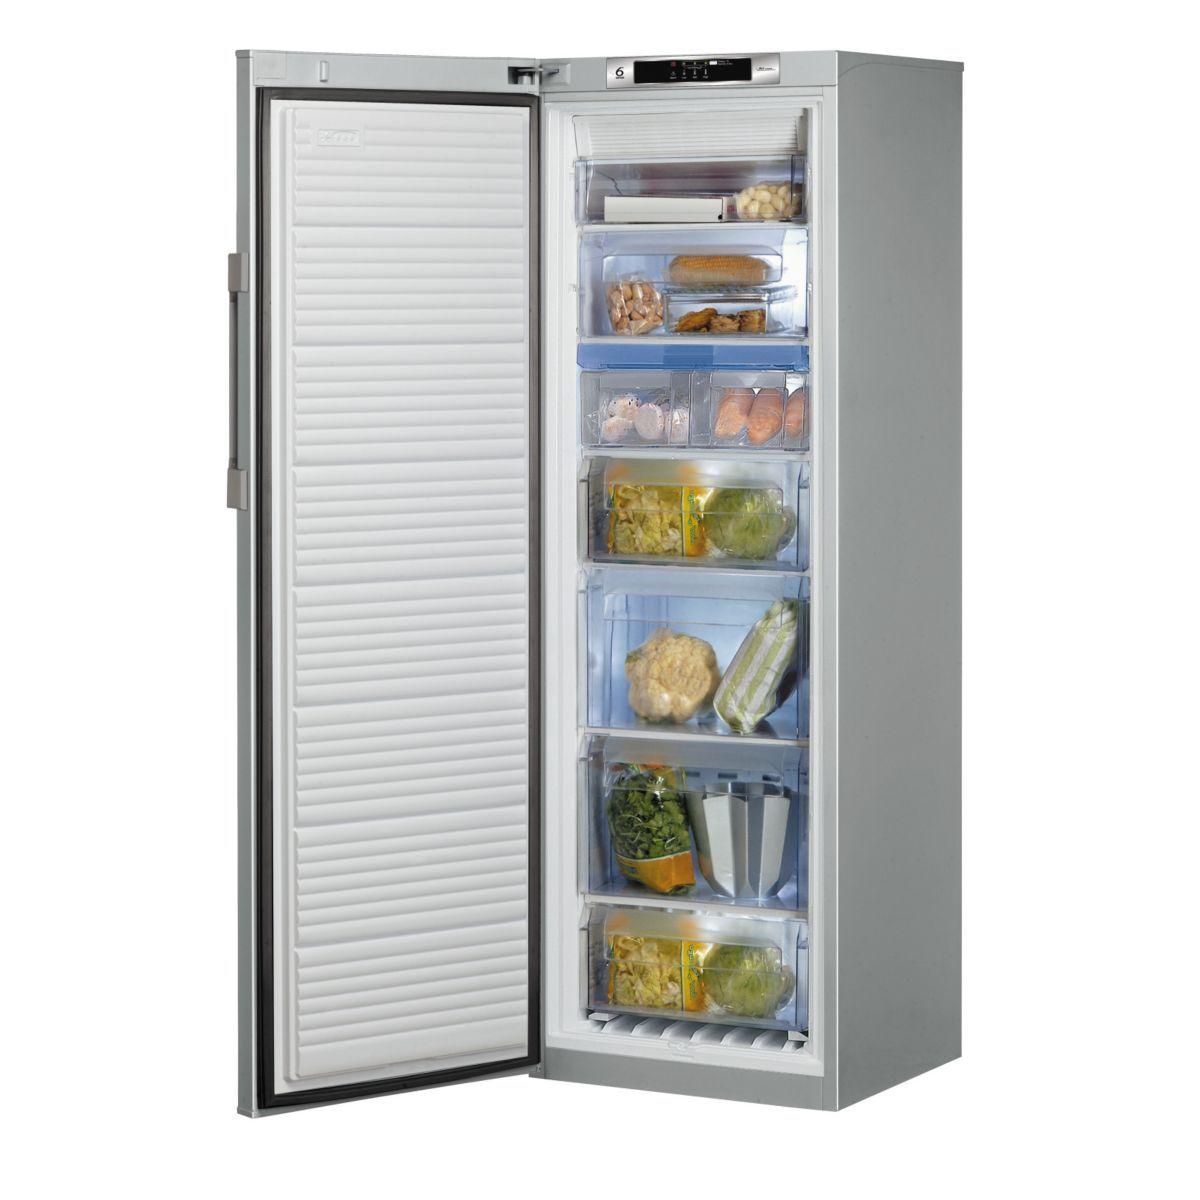 Congelateur Top Inox Liebherr Refrigerateur Congelateur Integrable But Congelateur Coffre Haier Bd Congelateur Coffre Congelation Refrigerateur Congelateur